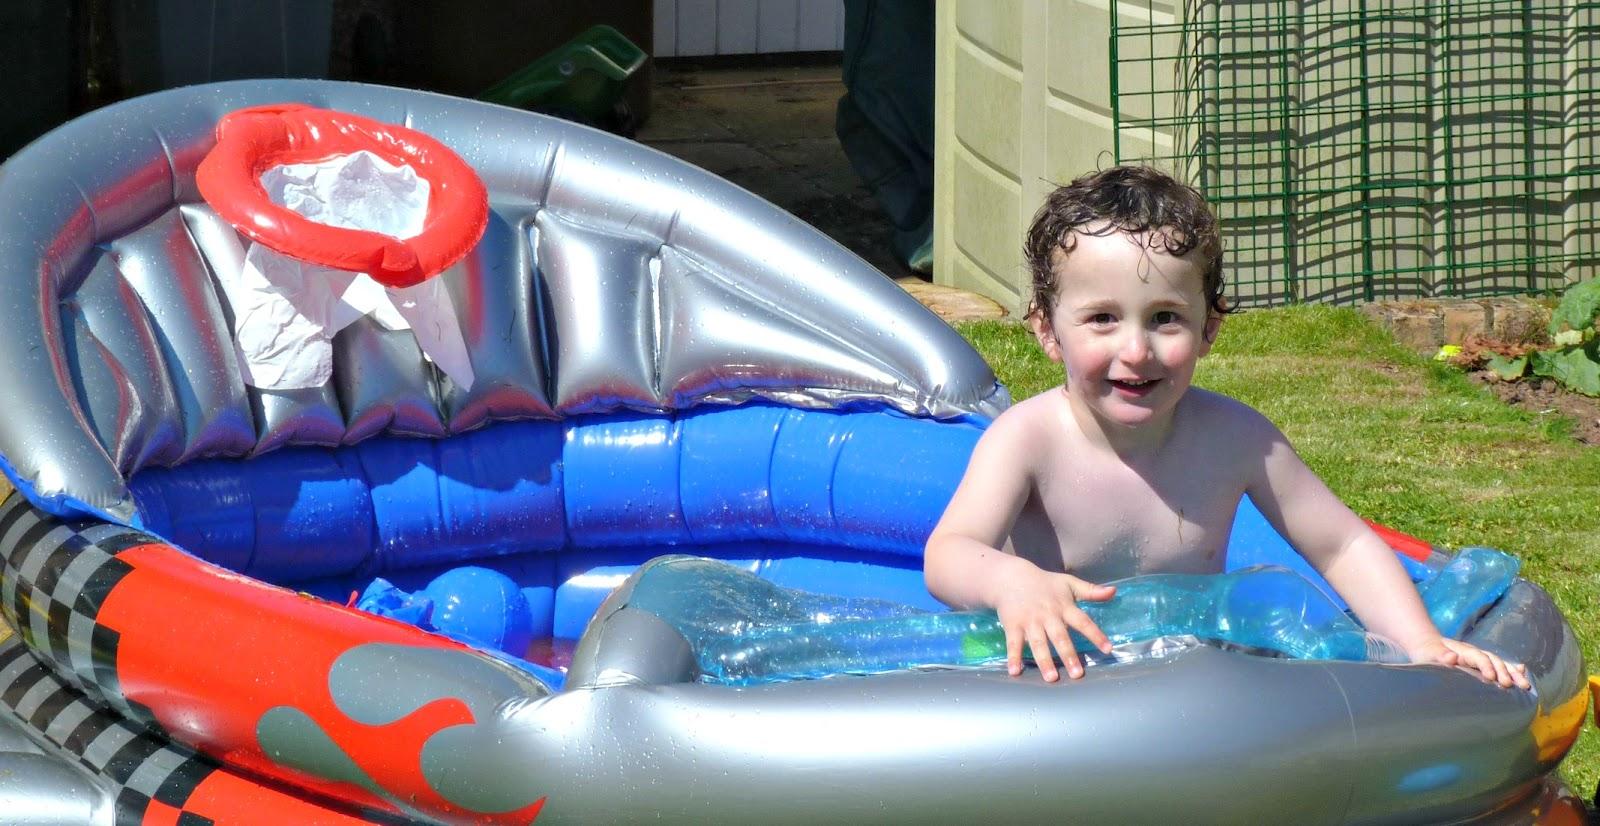 Boy in a paddling pool